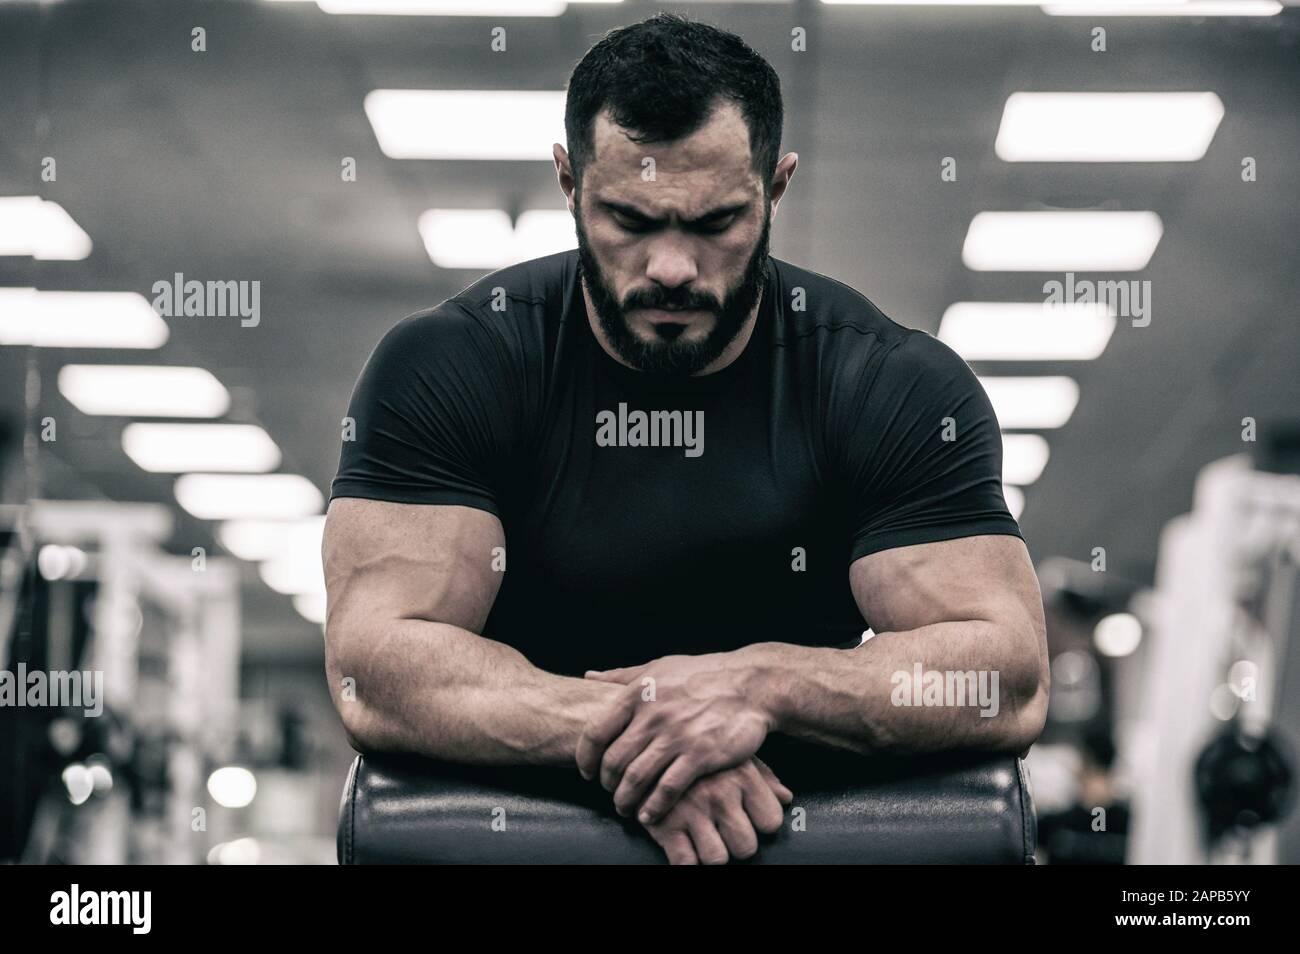 mental mente deporte motivación concepto de hombre joven fuerte con barba que lleva punto negro concentración relajación en el gimnasio deportivo Foto de stock